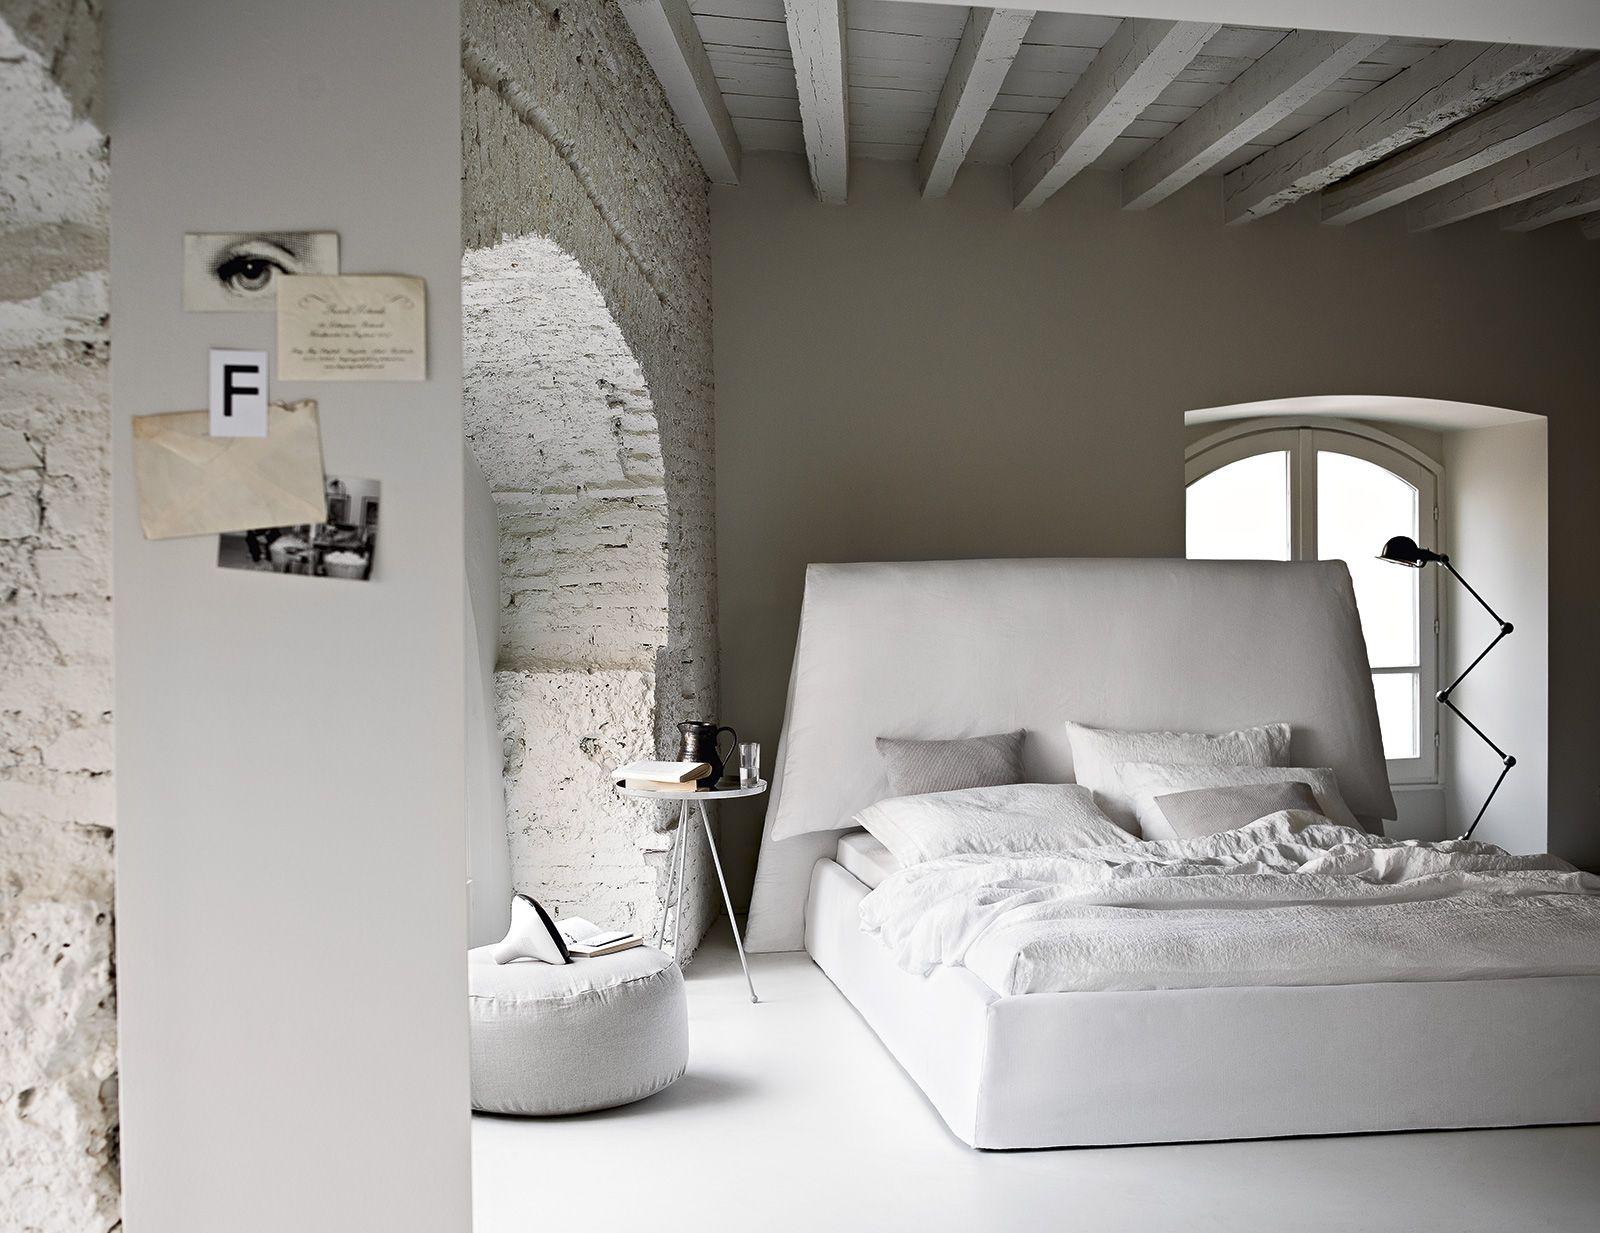 Costanza | 135 | Ivano Redaelli #ALettoConLiving